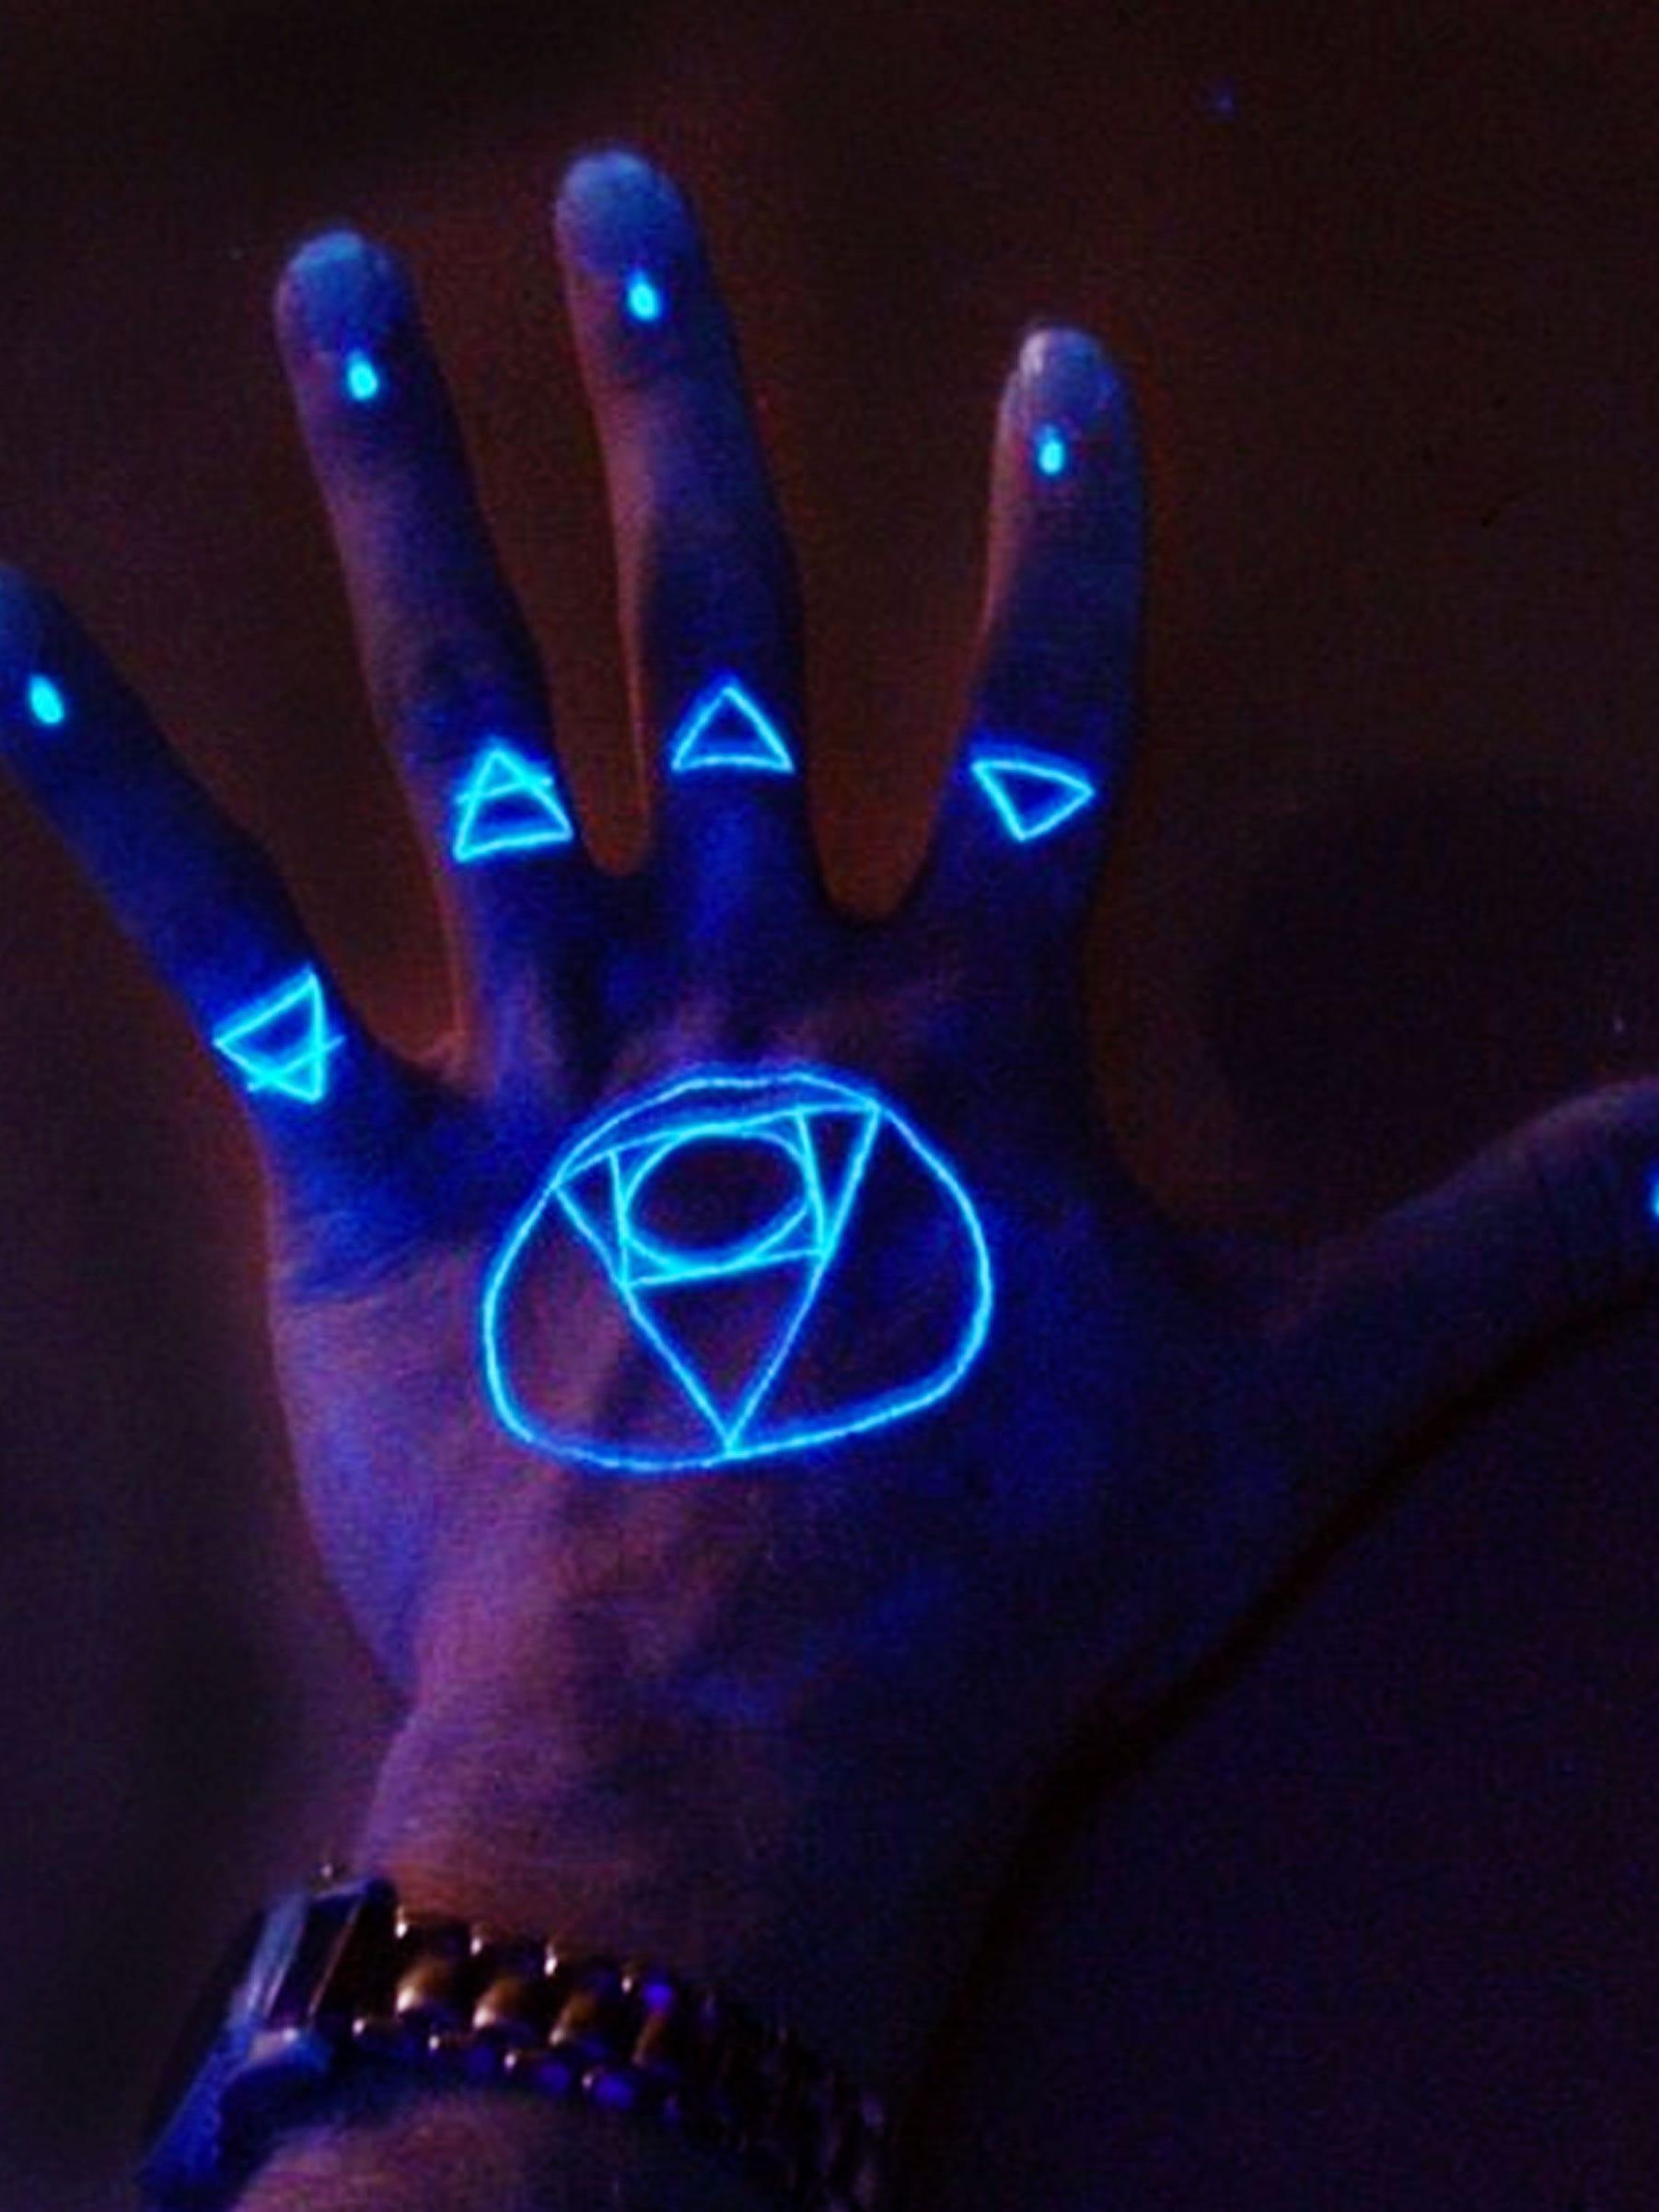 UV Tattoos Glow In The Dark Best Photos